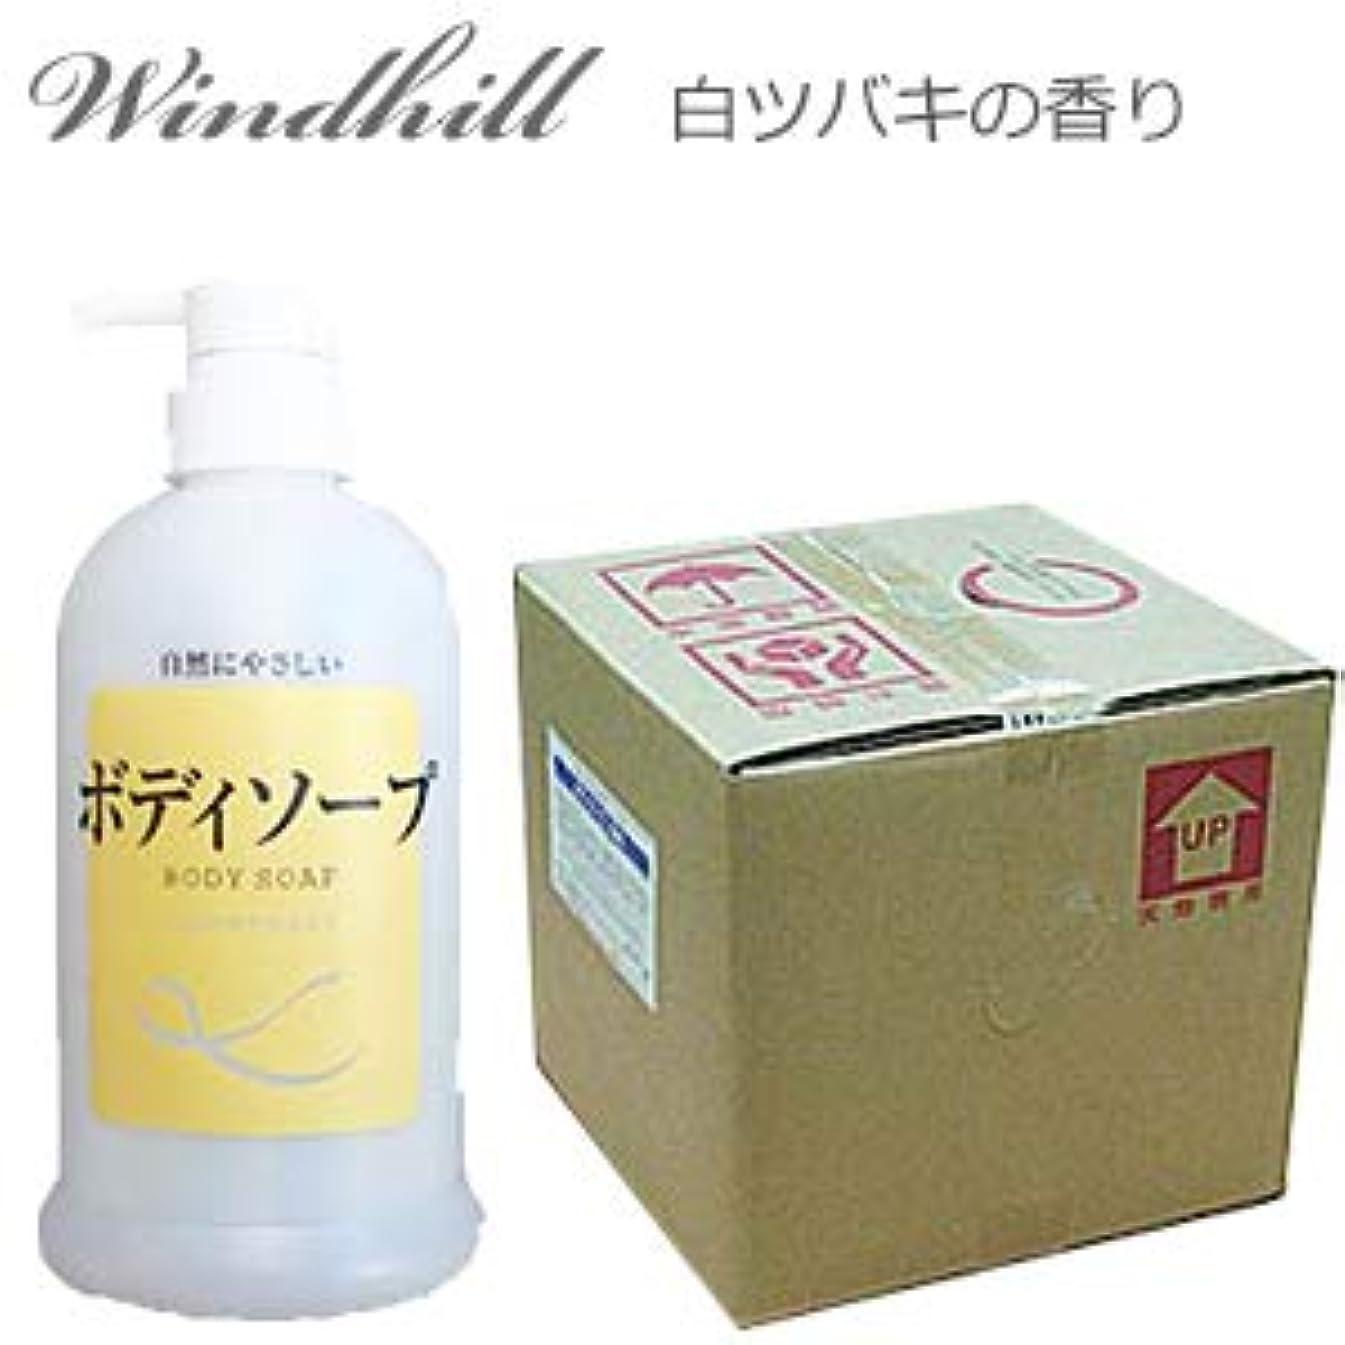 クリーム分配します仕出しますなんと! 500ml当り175円 Windhill 植物性 業務用 ボディソープ  白ツバキの香り 20L